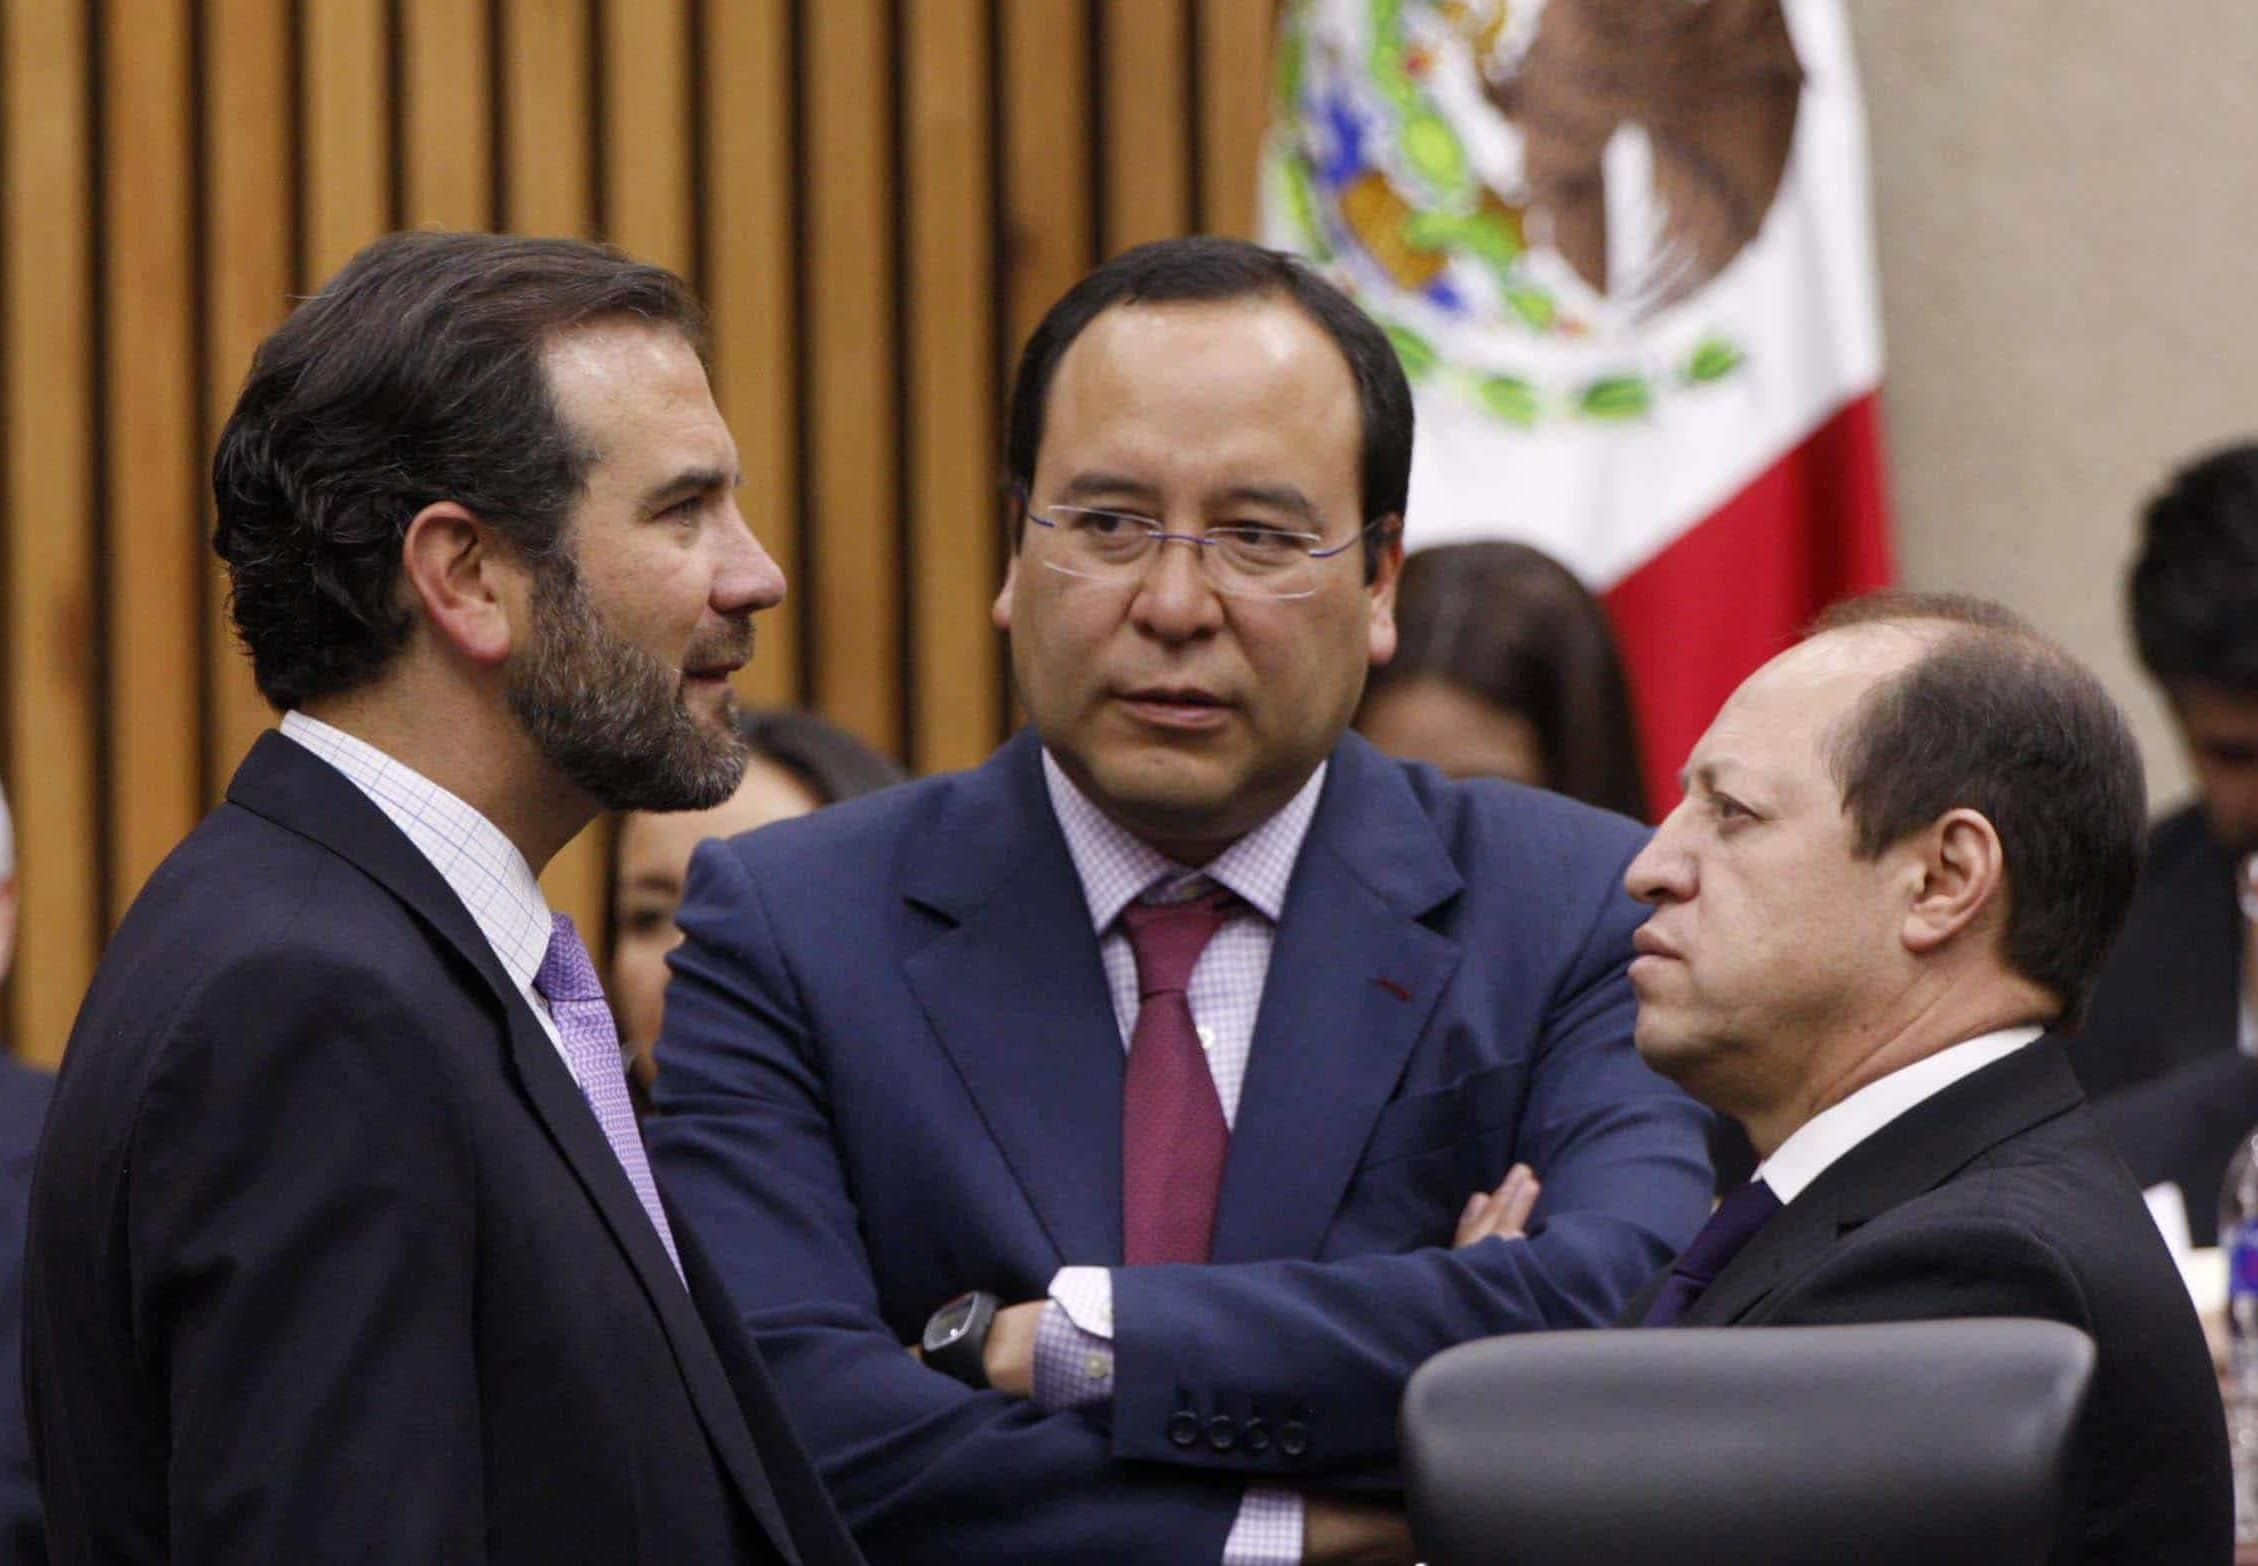 El INE suspende y aplaza definitivamente las elecciones